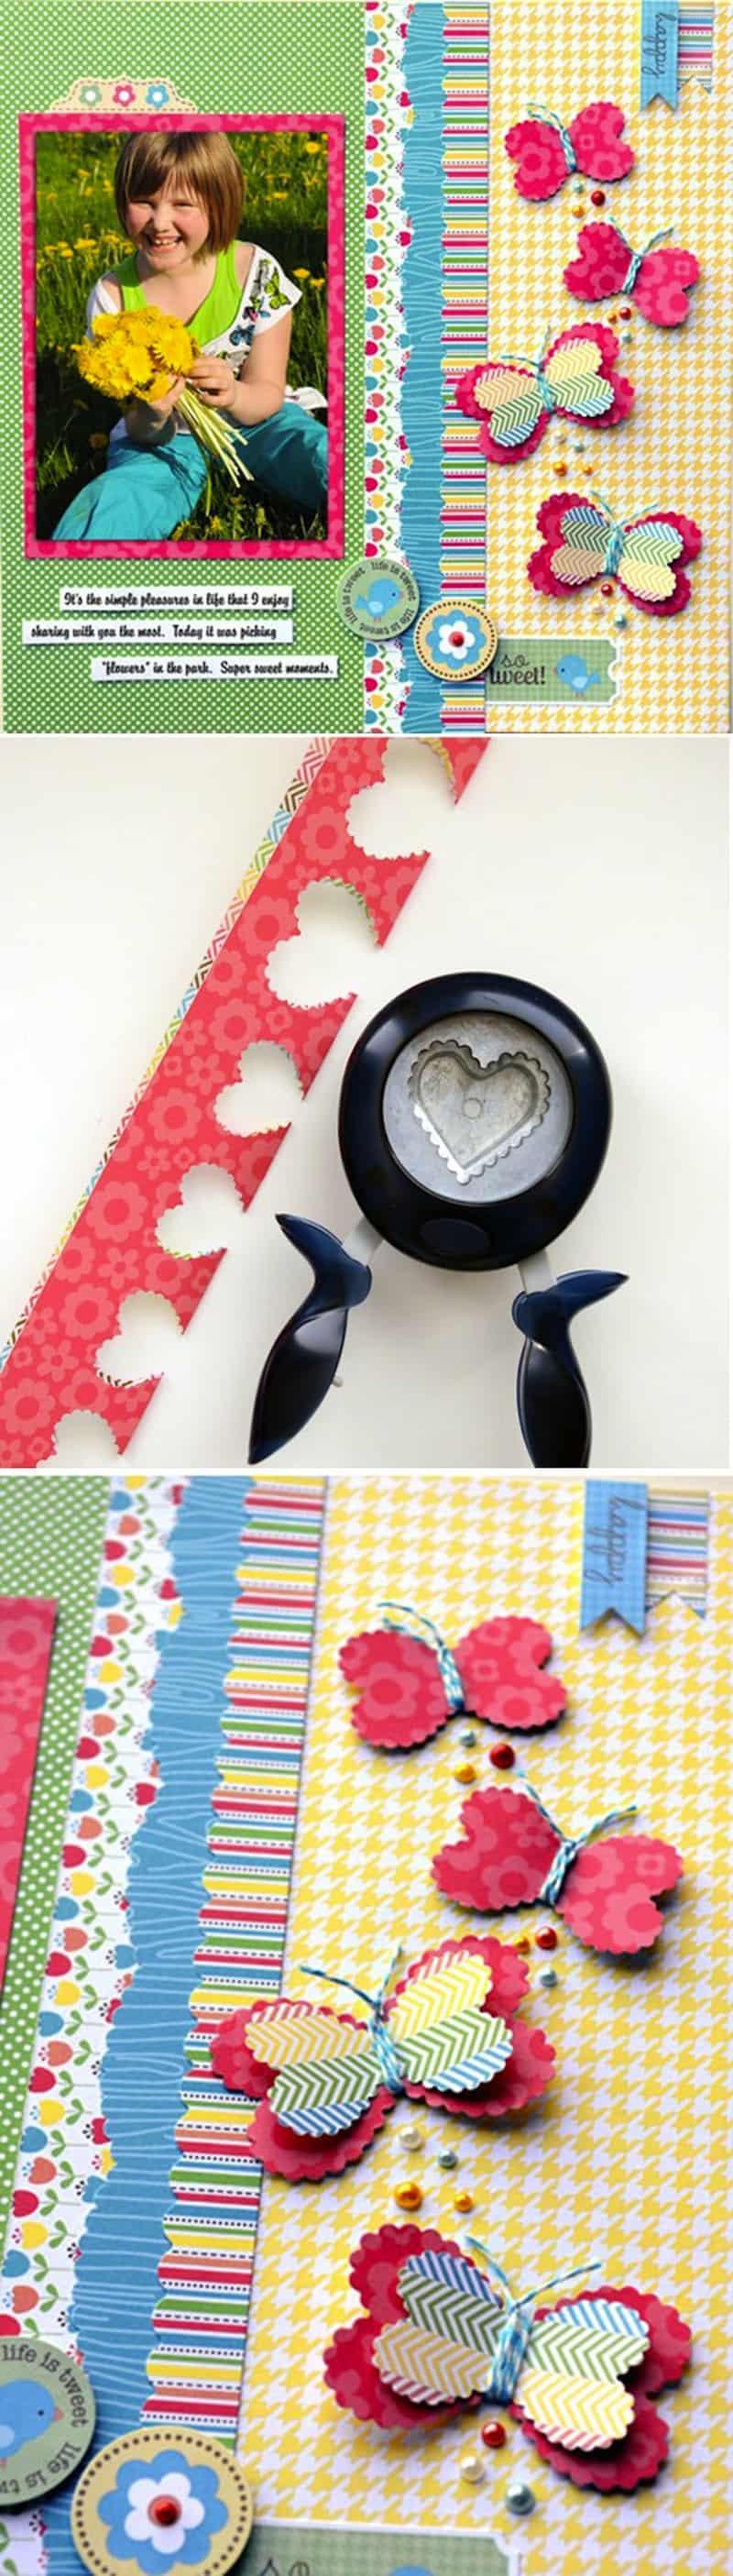 Heart butterfly cutouts